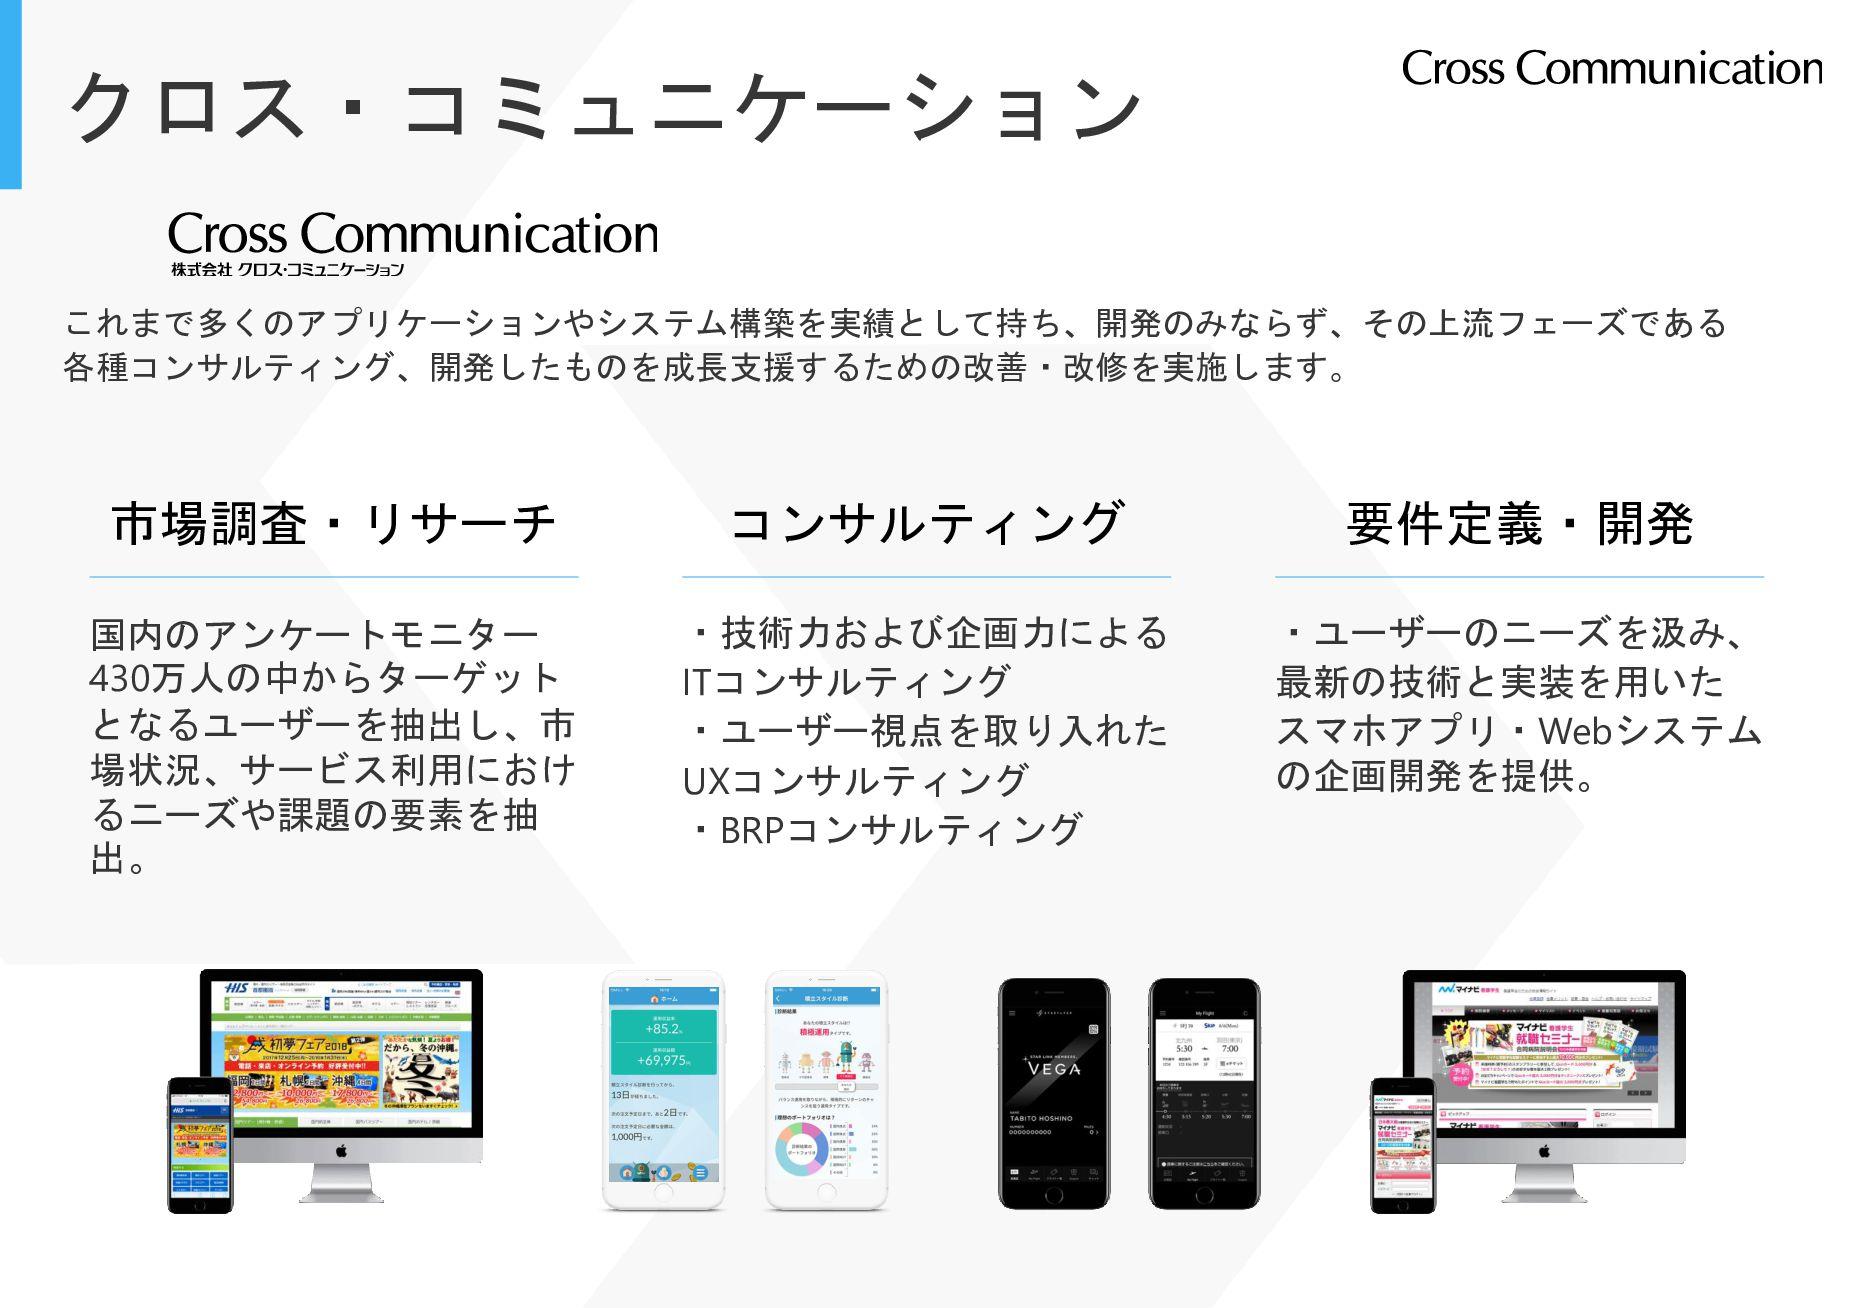 クロス・コミュニケーション これまで多くのアプリケーションやシステム構築を実績として持ち、開発...